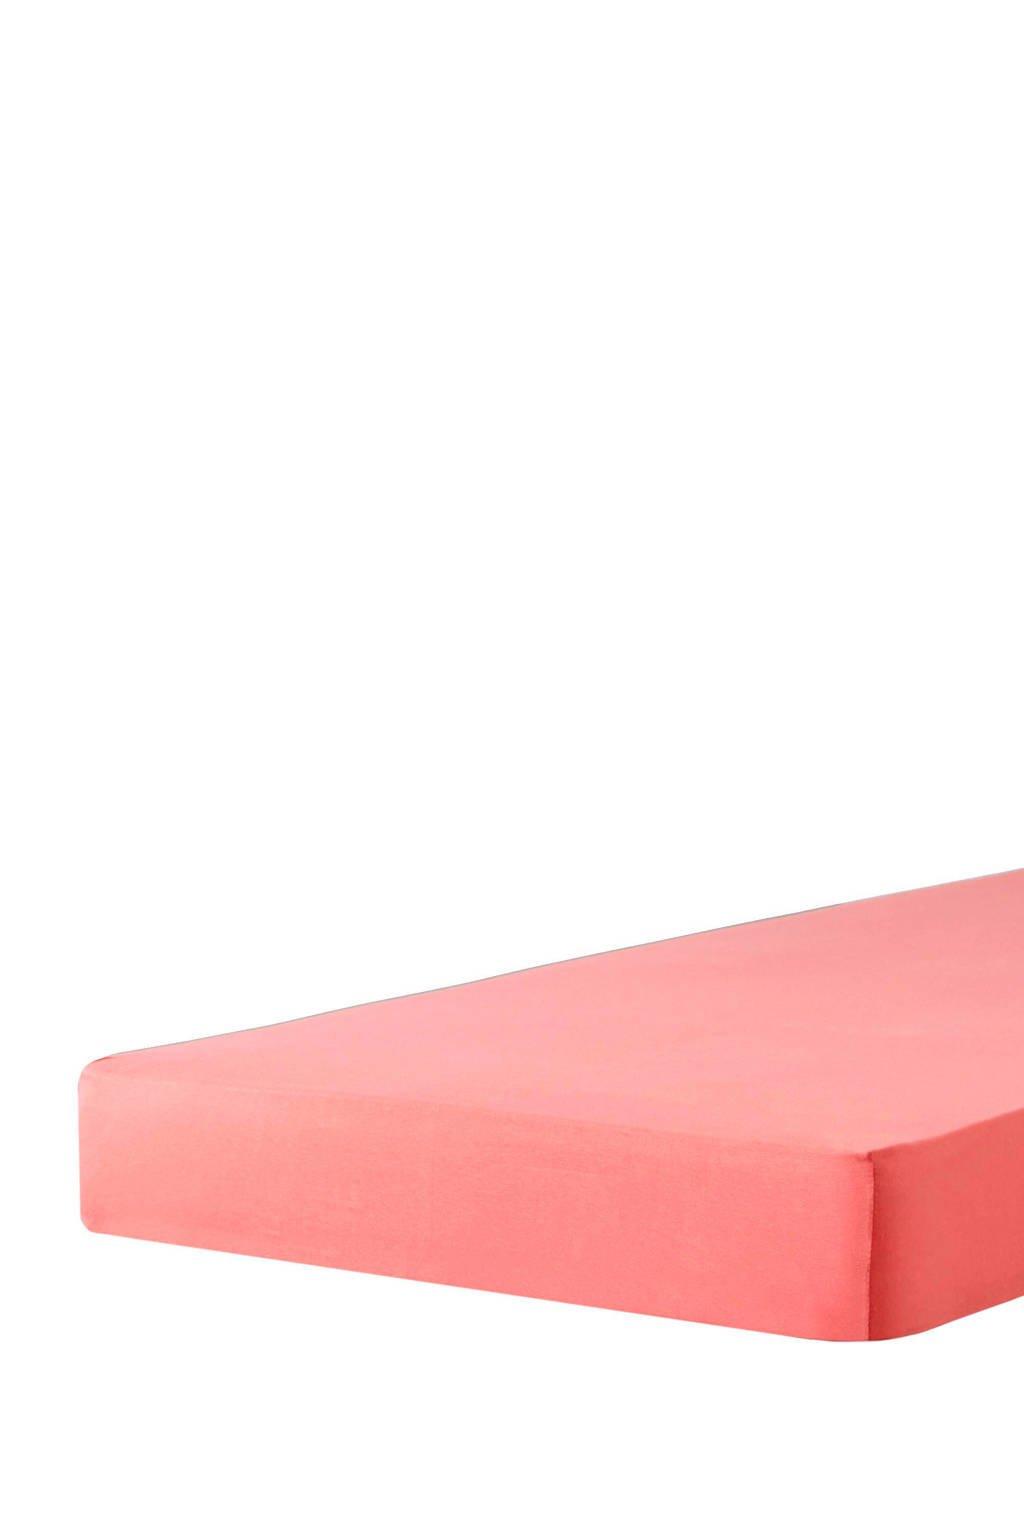 whkmp's own jersey hoeslaken Roze